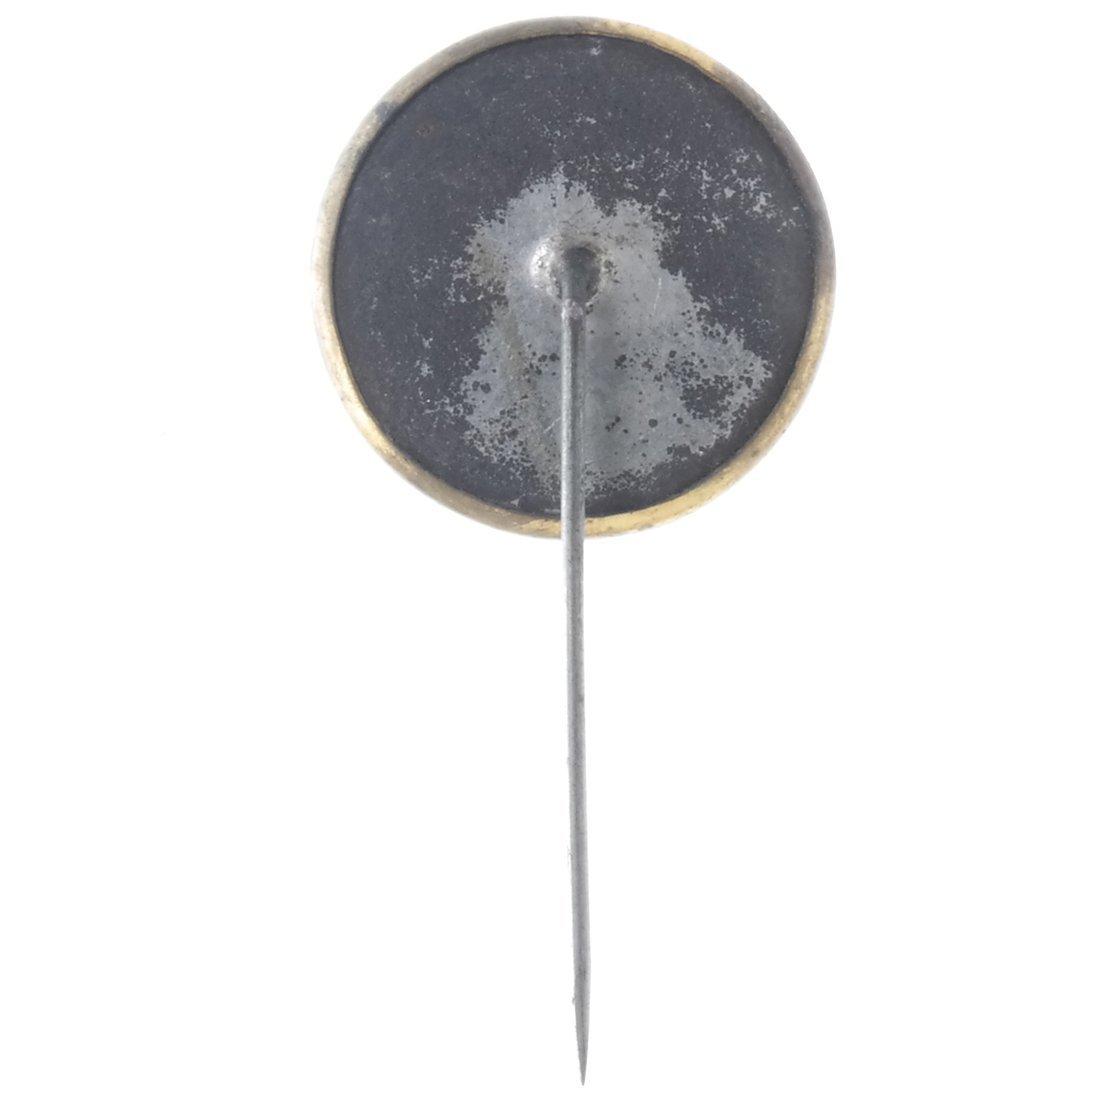 Grant & Colfax 1868 Jugate Ferrotype Stickpin - 2